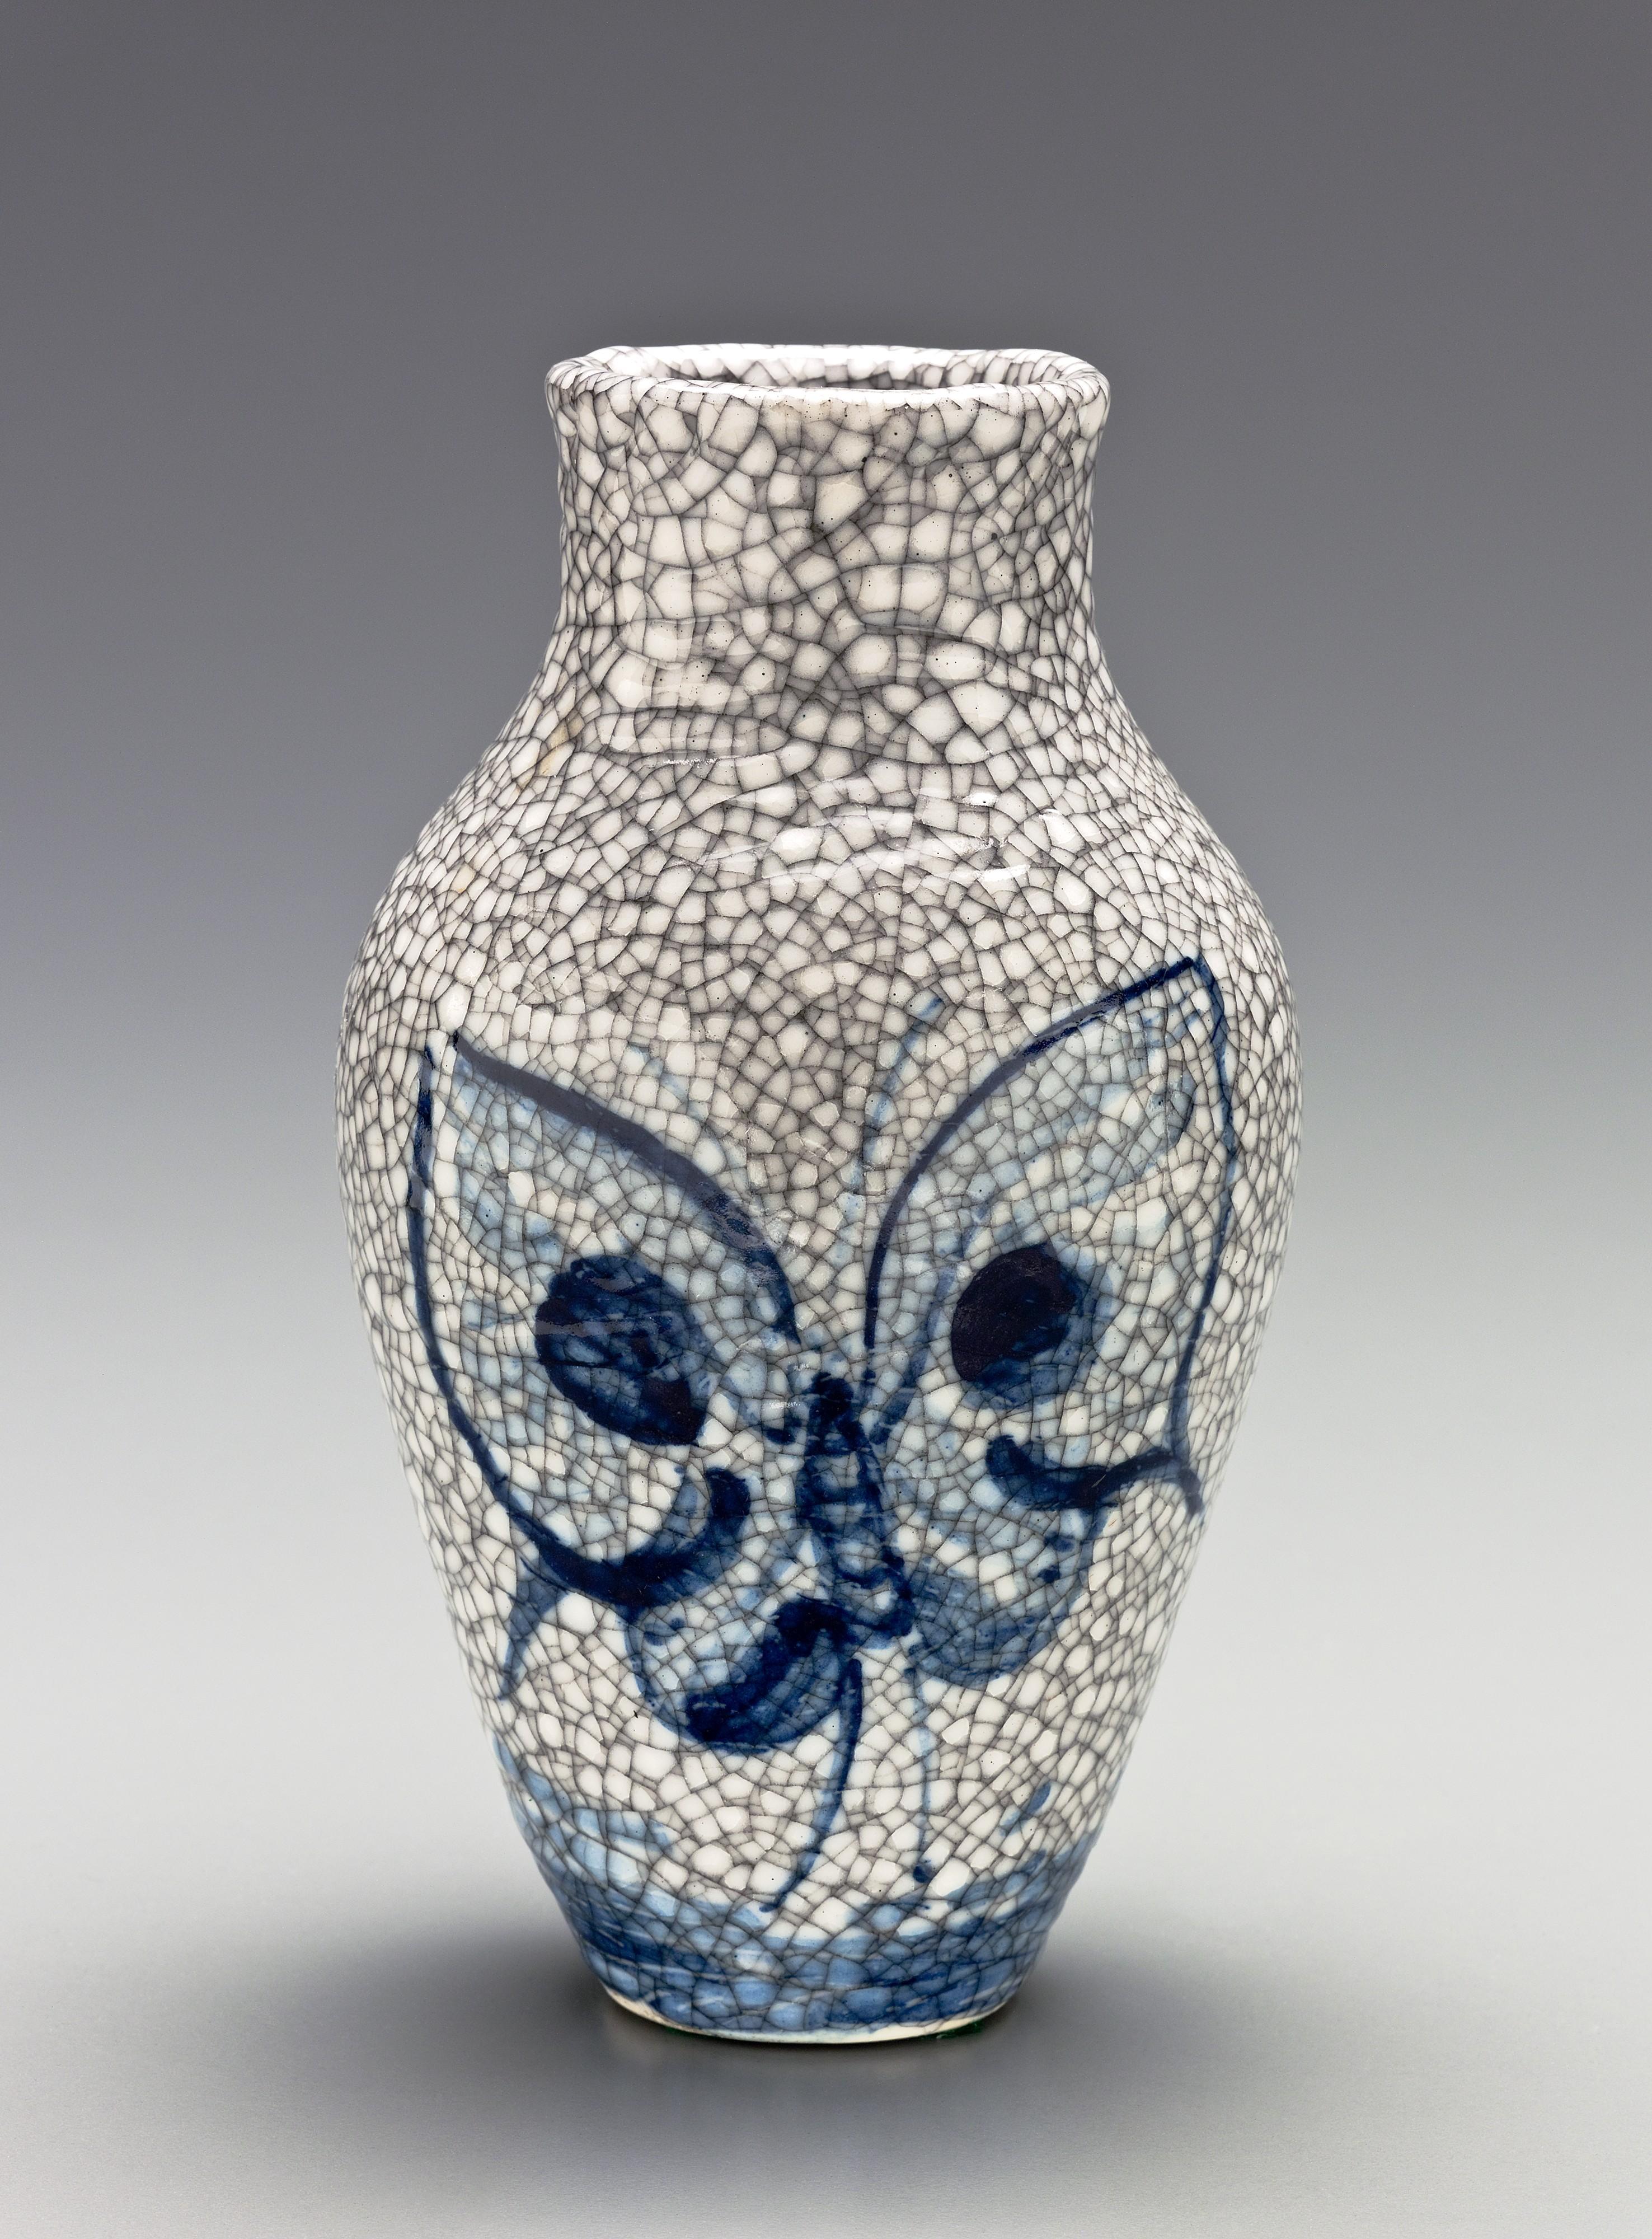 Chelsea Pottery U. S. | Vase | American | The Met